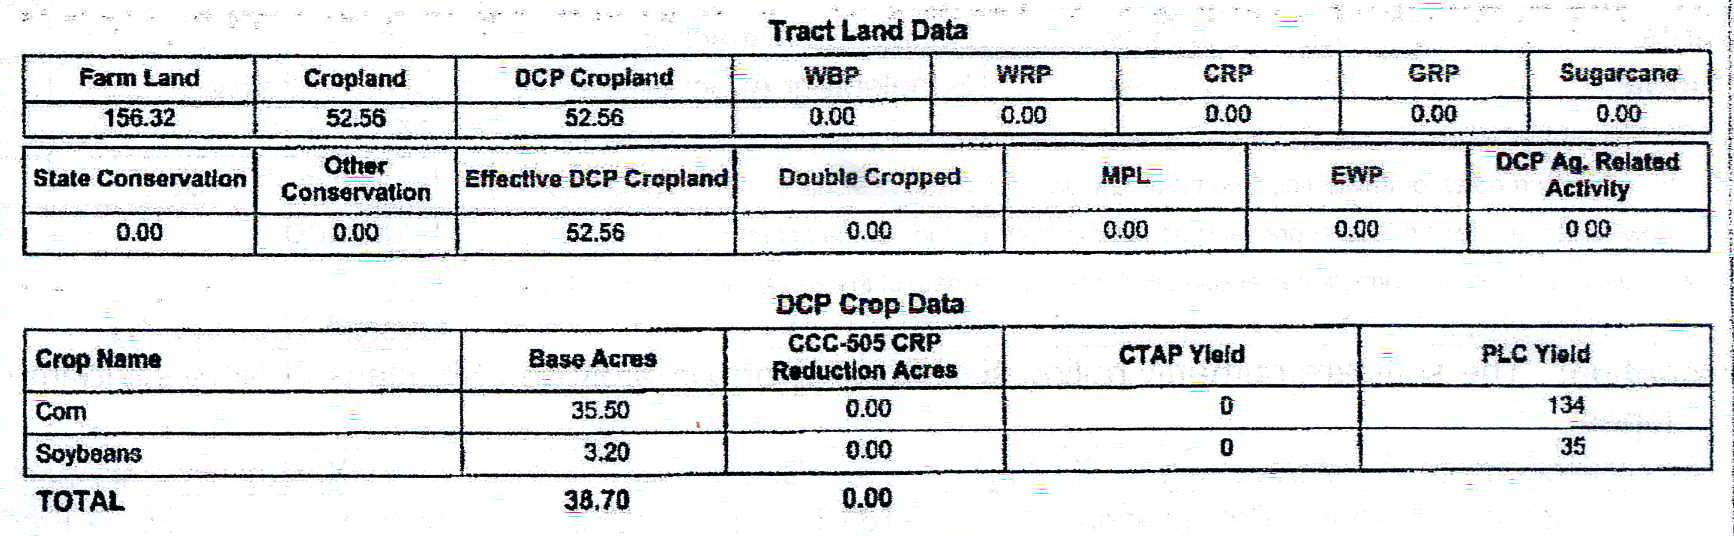 Crop Info_Brengelman